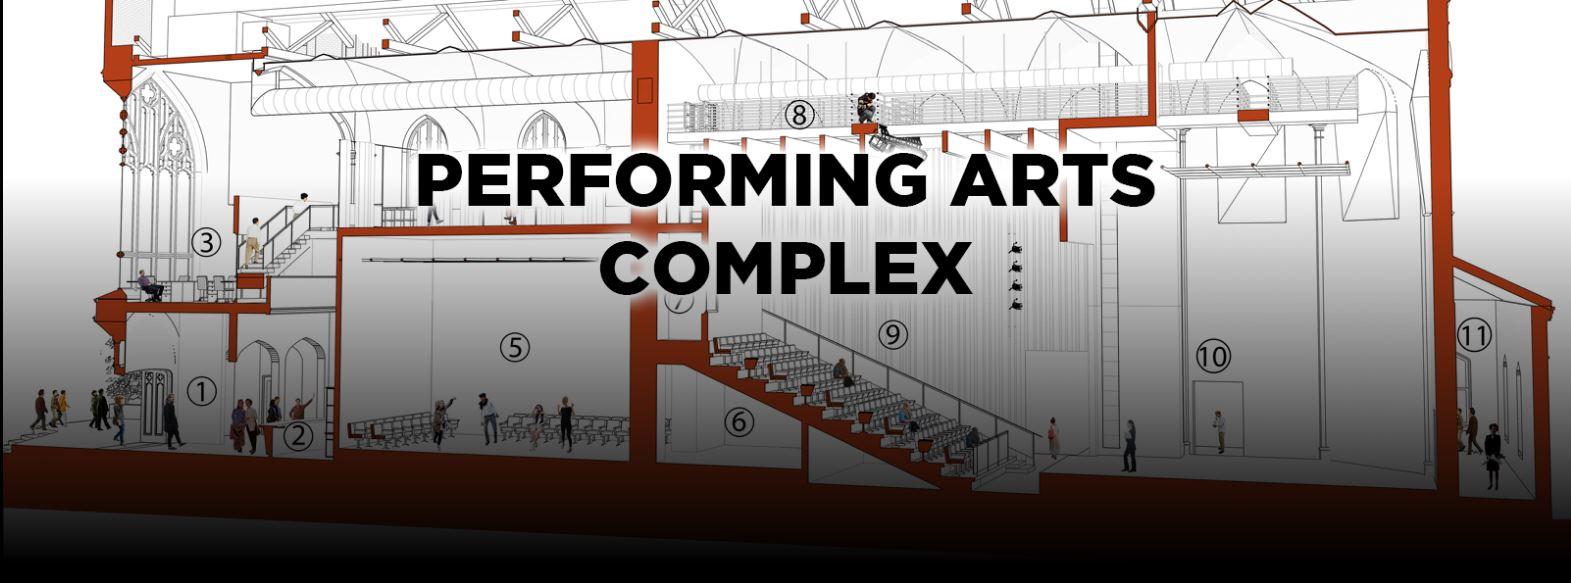 performingartscomplex